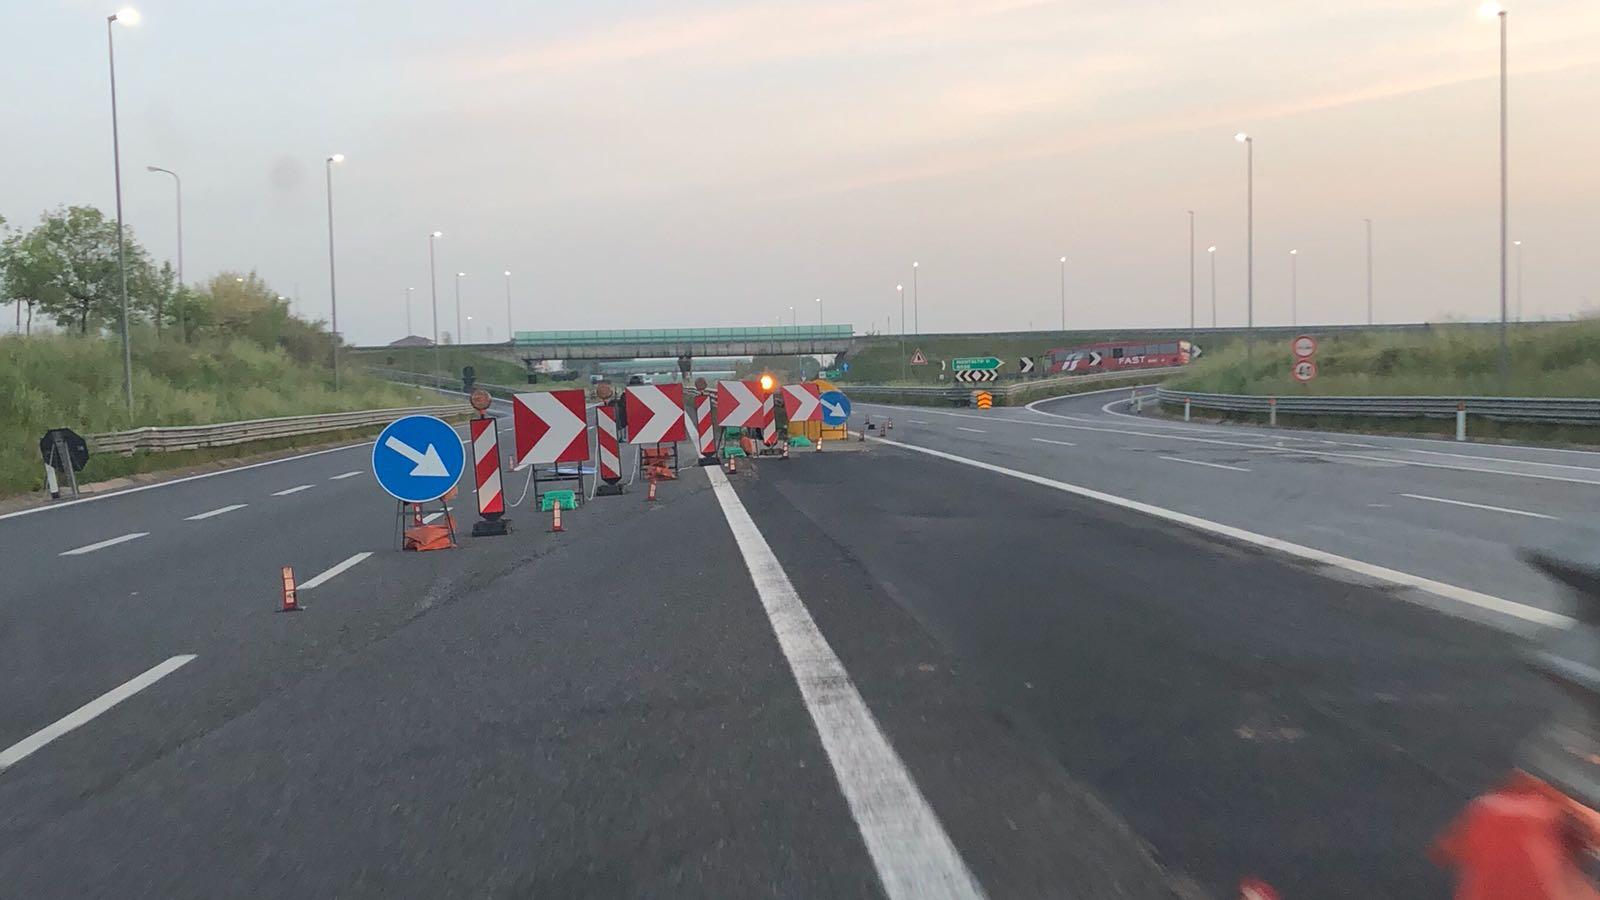 Autostrada A2 del Mediterraneo, l'Anas replica al Codacons e annuncia ulteriori interventi per milioni di euro